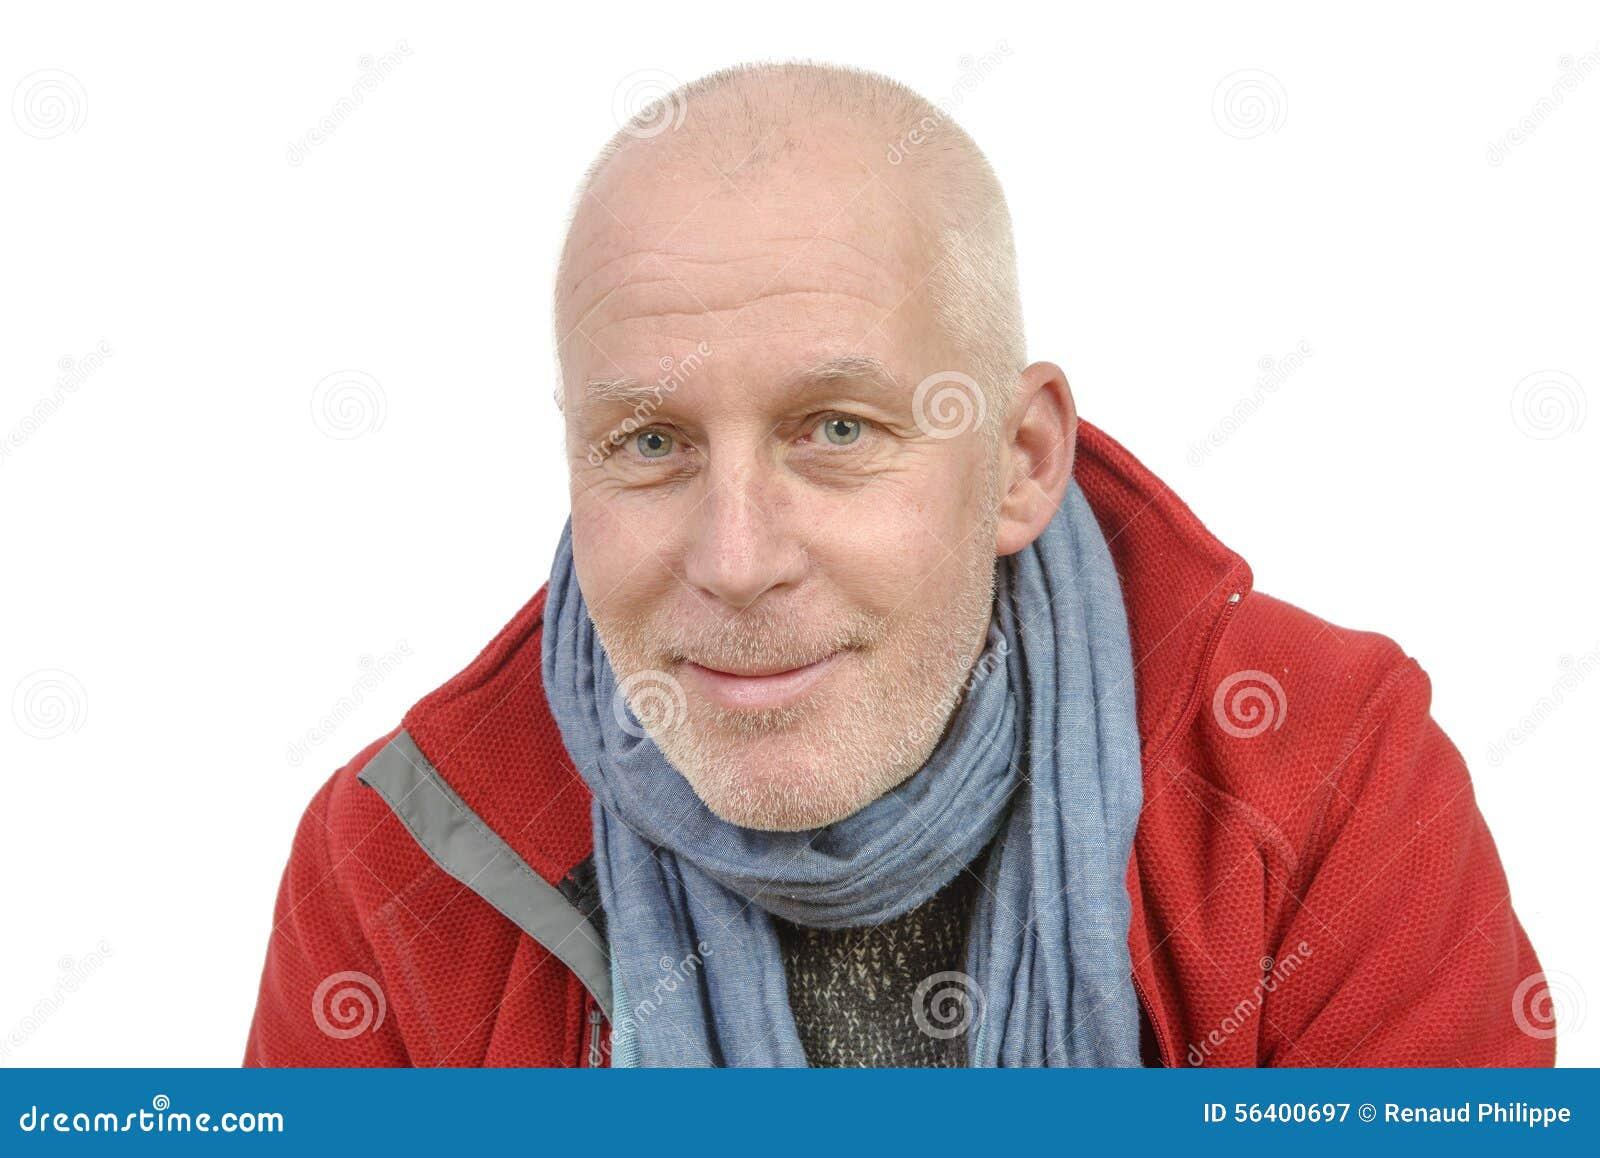 Портрет человека среднего возраста с бородой